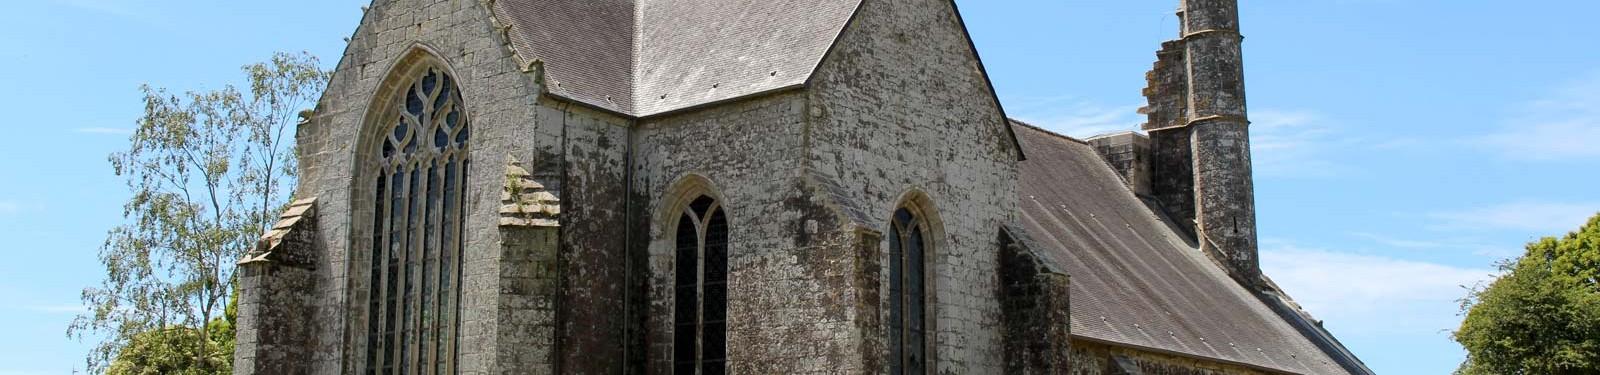 La chapelle de saint germain mairie de plogastel saint germain - La quincaillerie saint germain ...